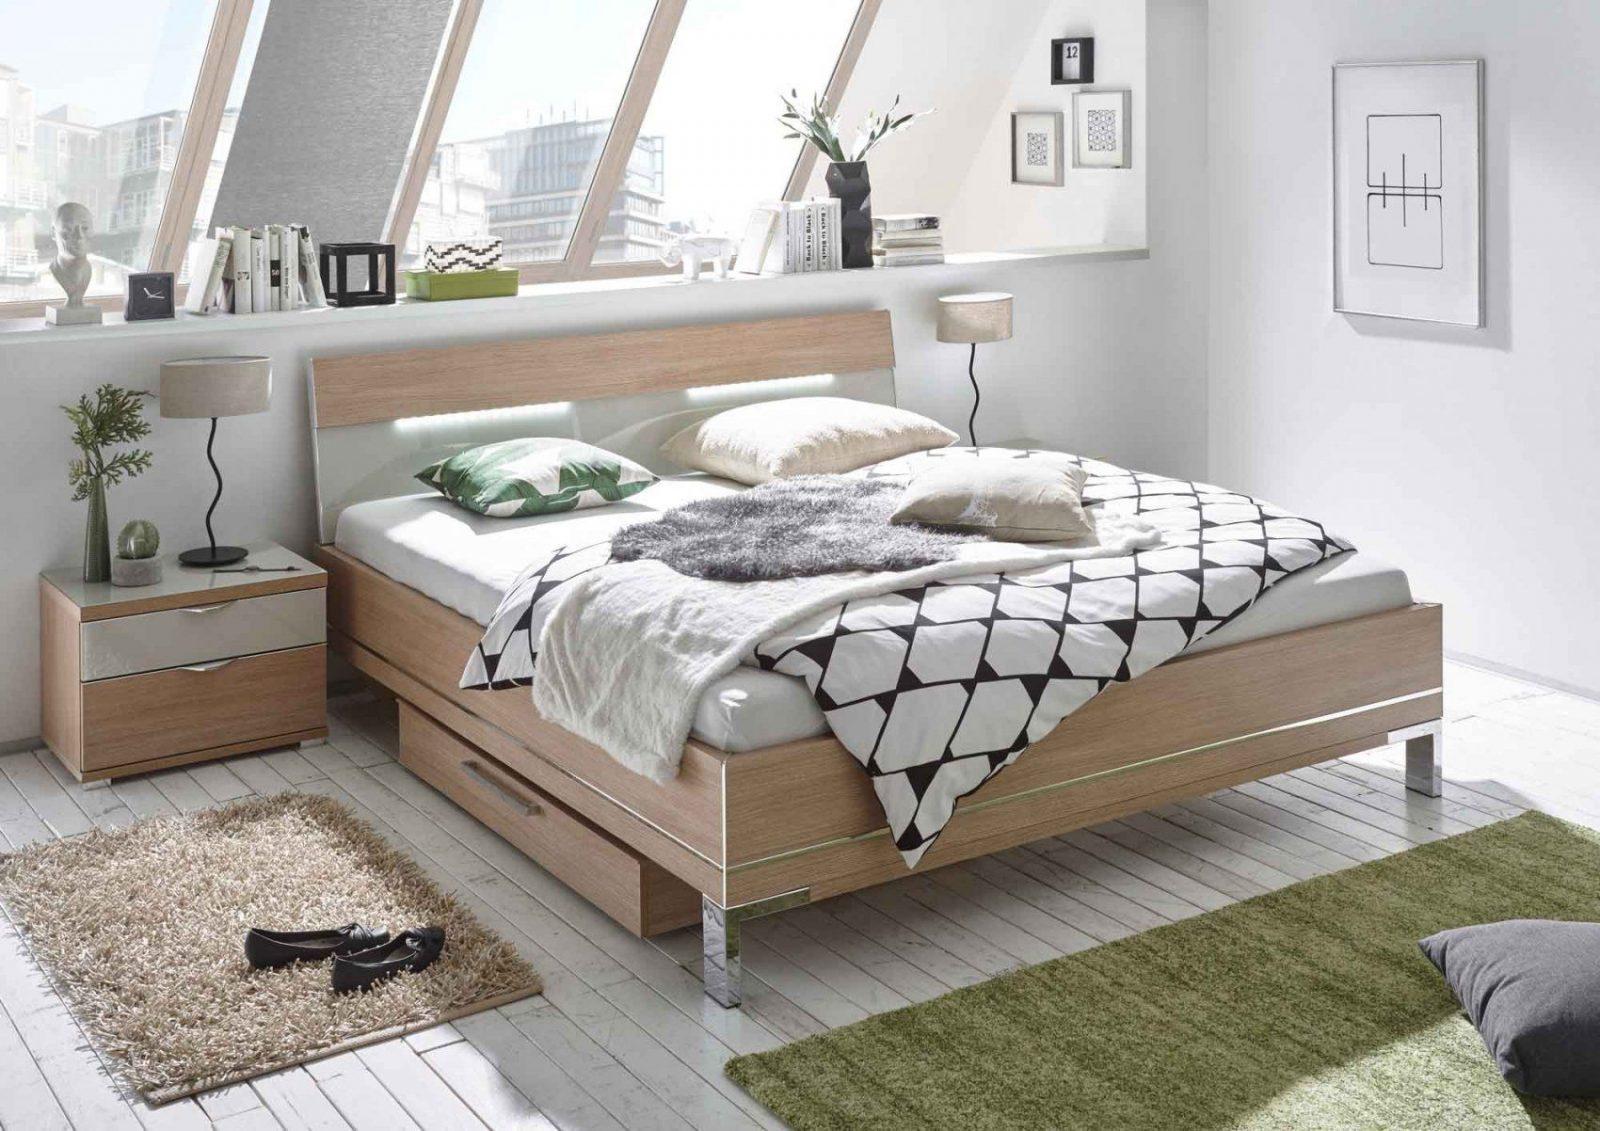 Staud  Schlafräume Heute Sinfonie Plus Betten von Staud Sinfonie Plus Bett Bild